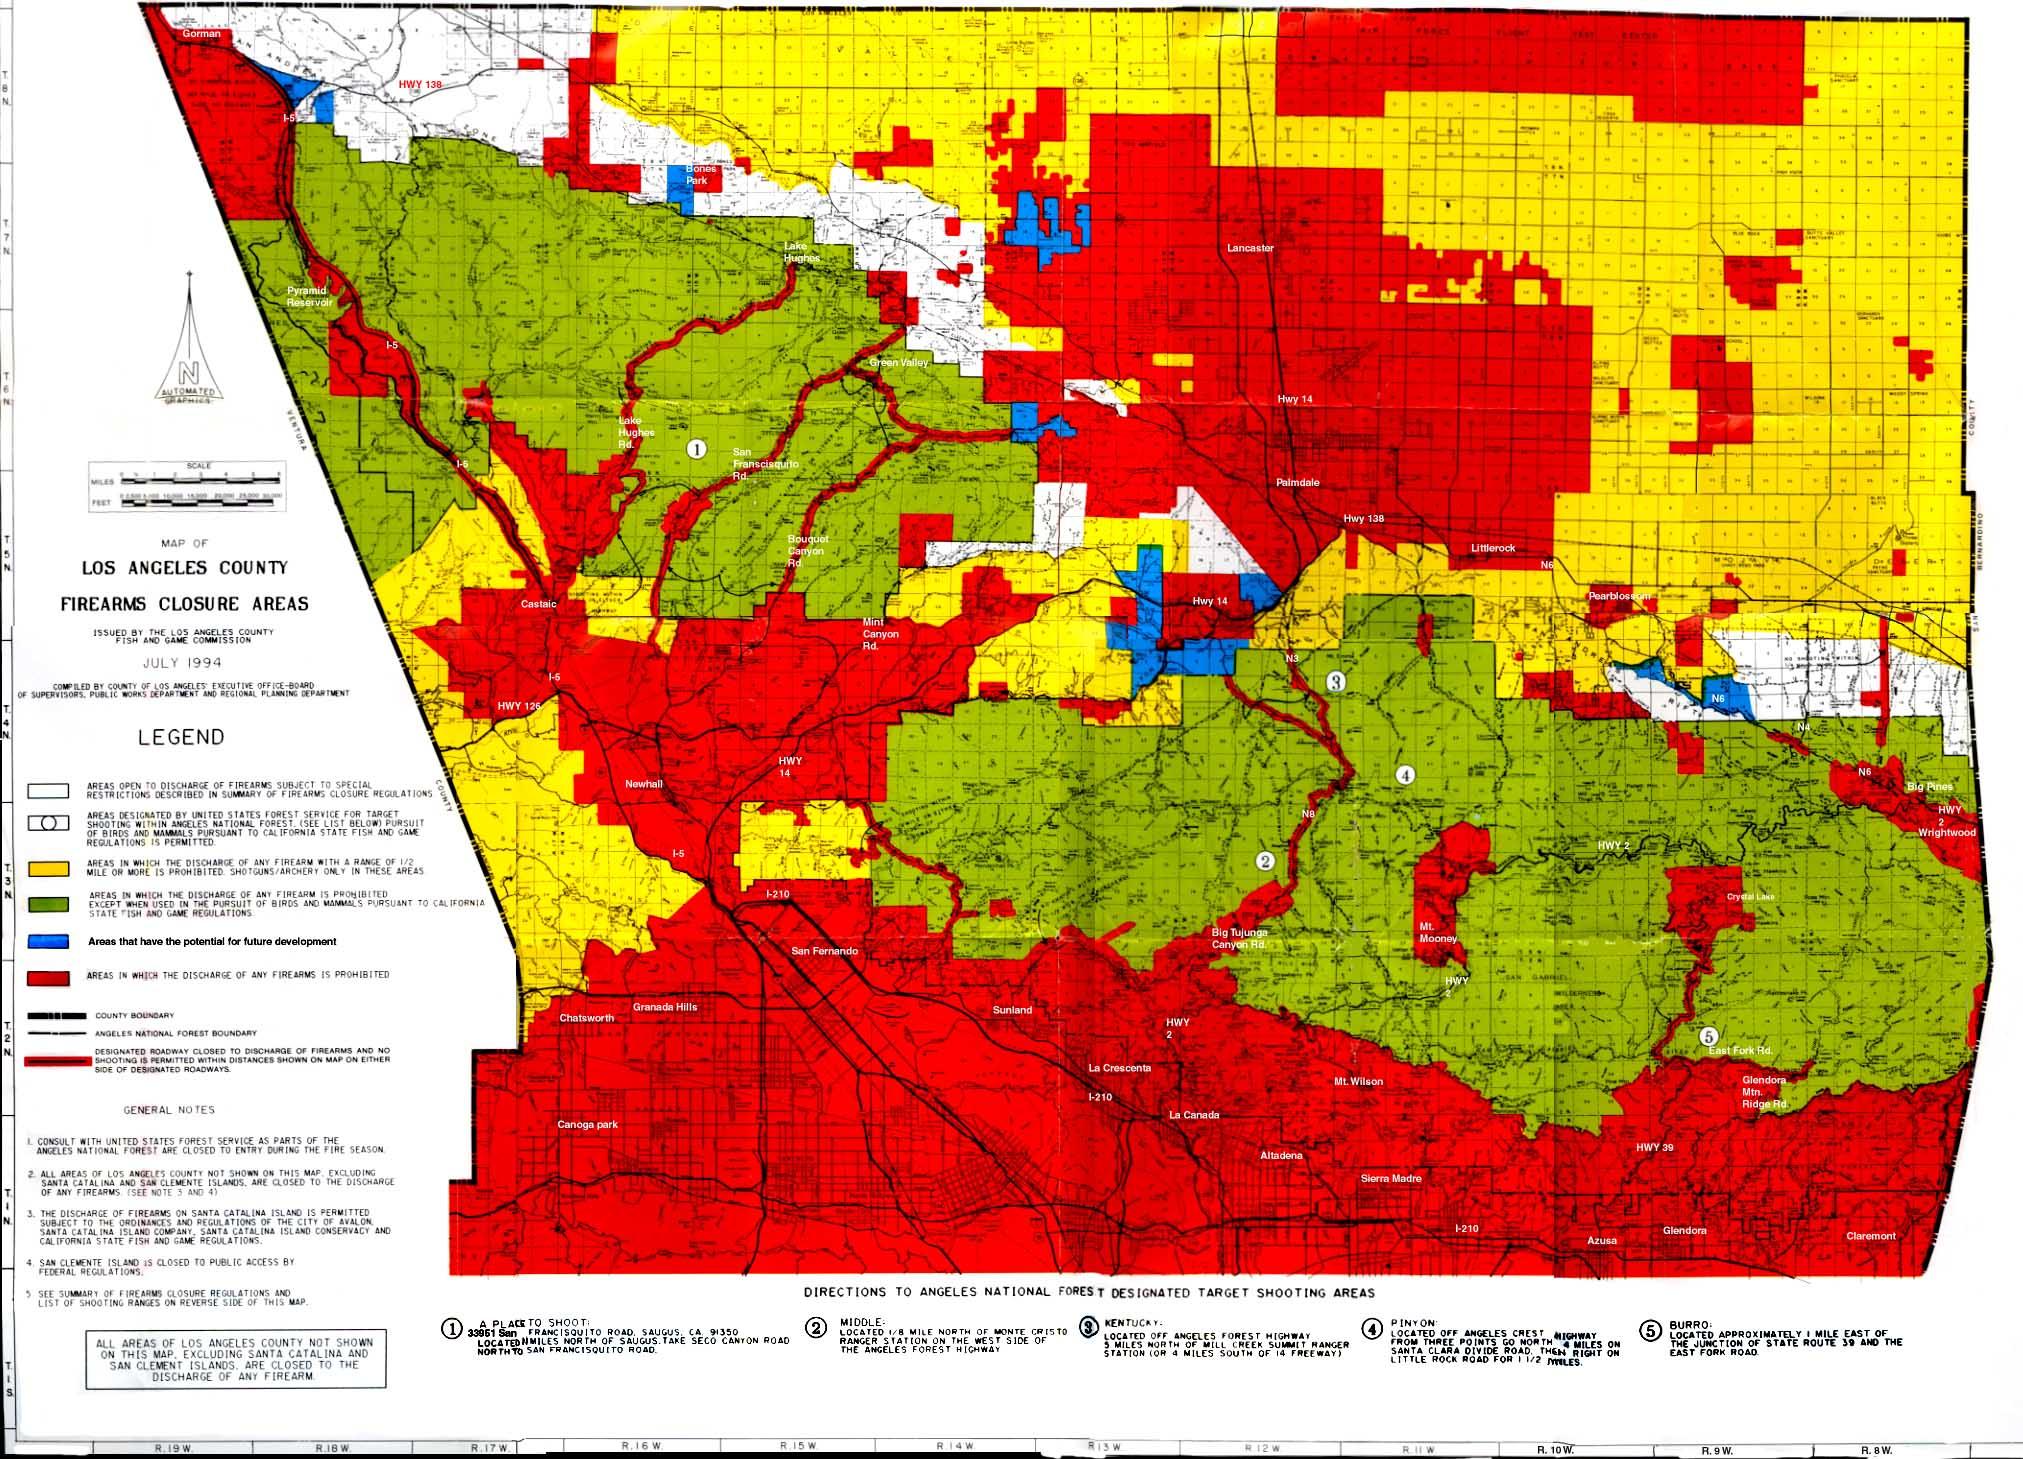 Blm Maps California California River Map Blm Map California Big Of - Blm Land Map Northern California